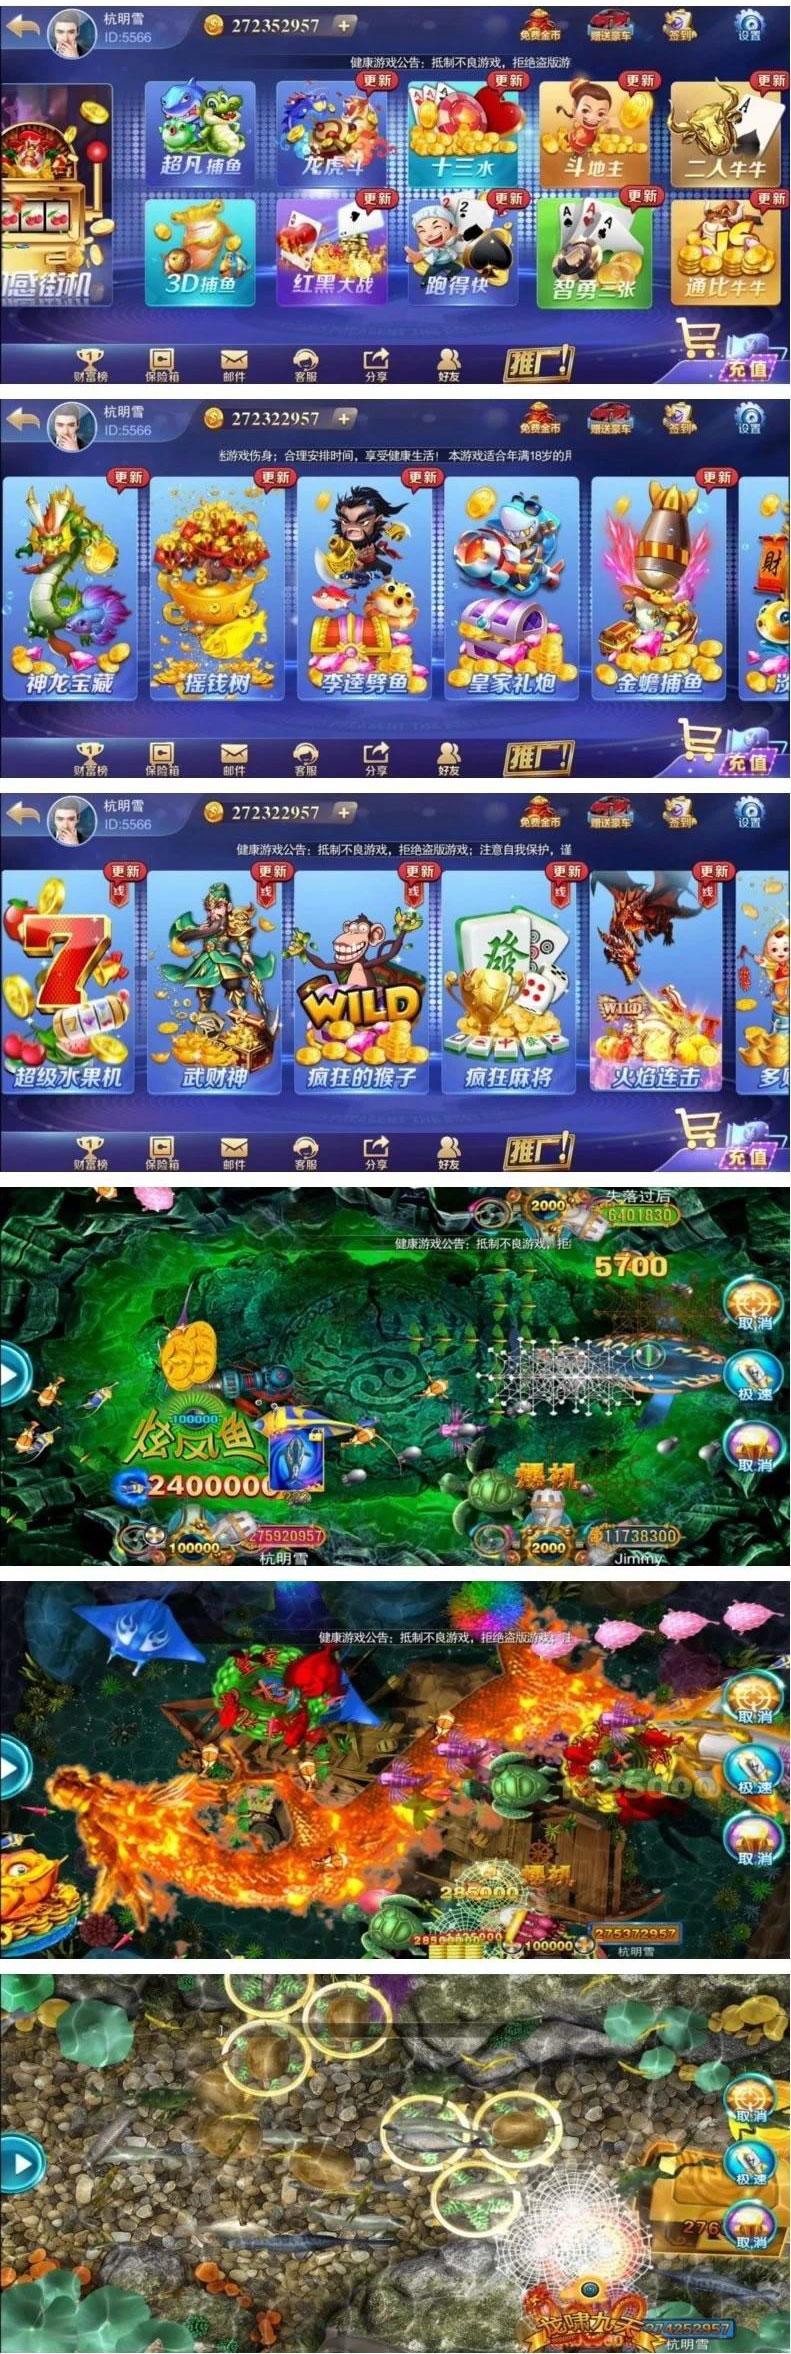 富贵精华版 最新富贵棋牌游戏镜像组件 富贵电玩3代40款棋牌游戏-第2张